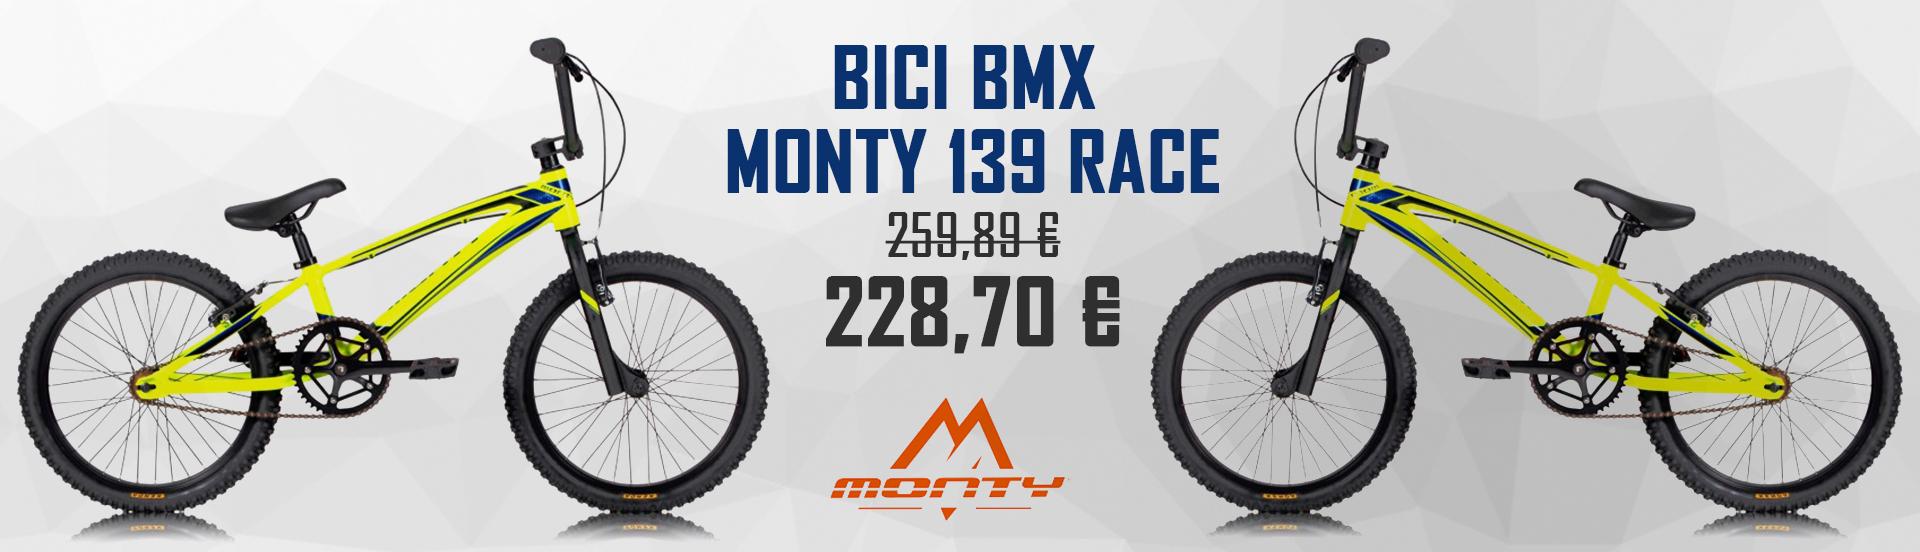 BICICLETA MONTY 139 RACE